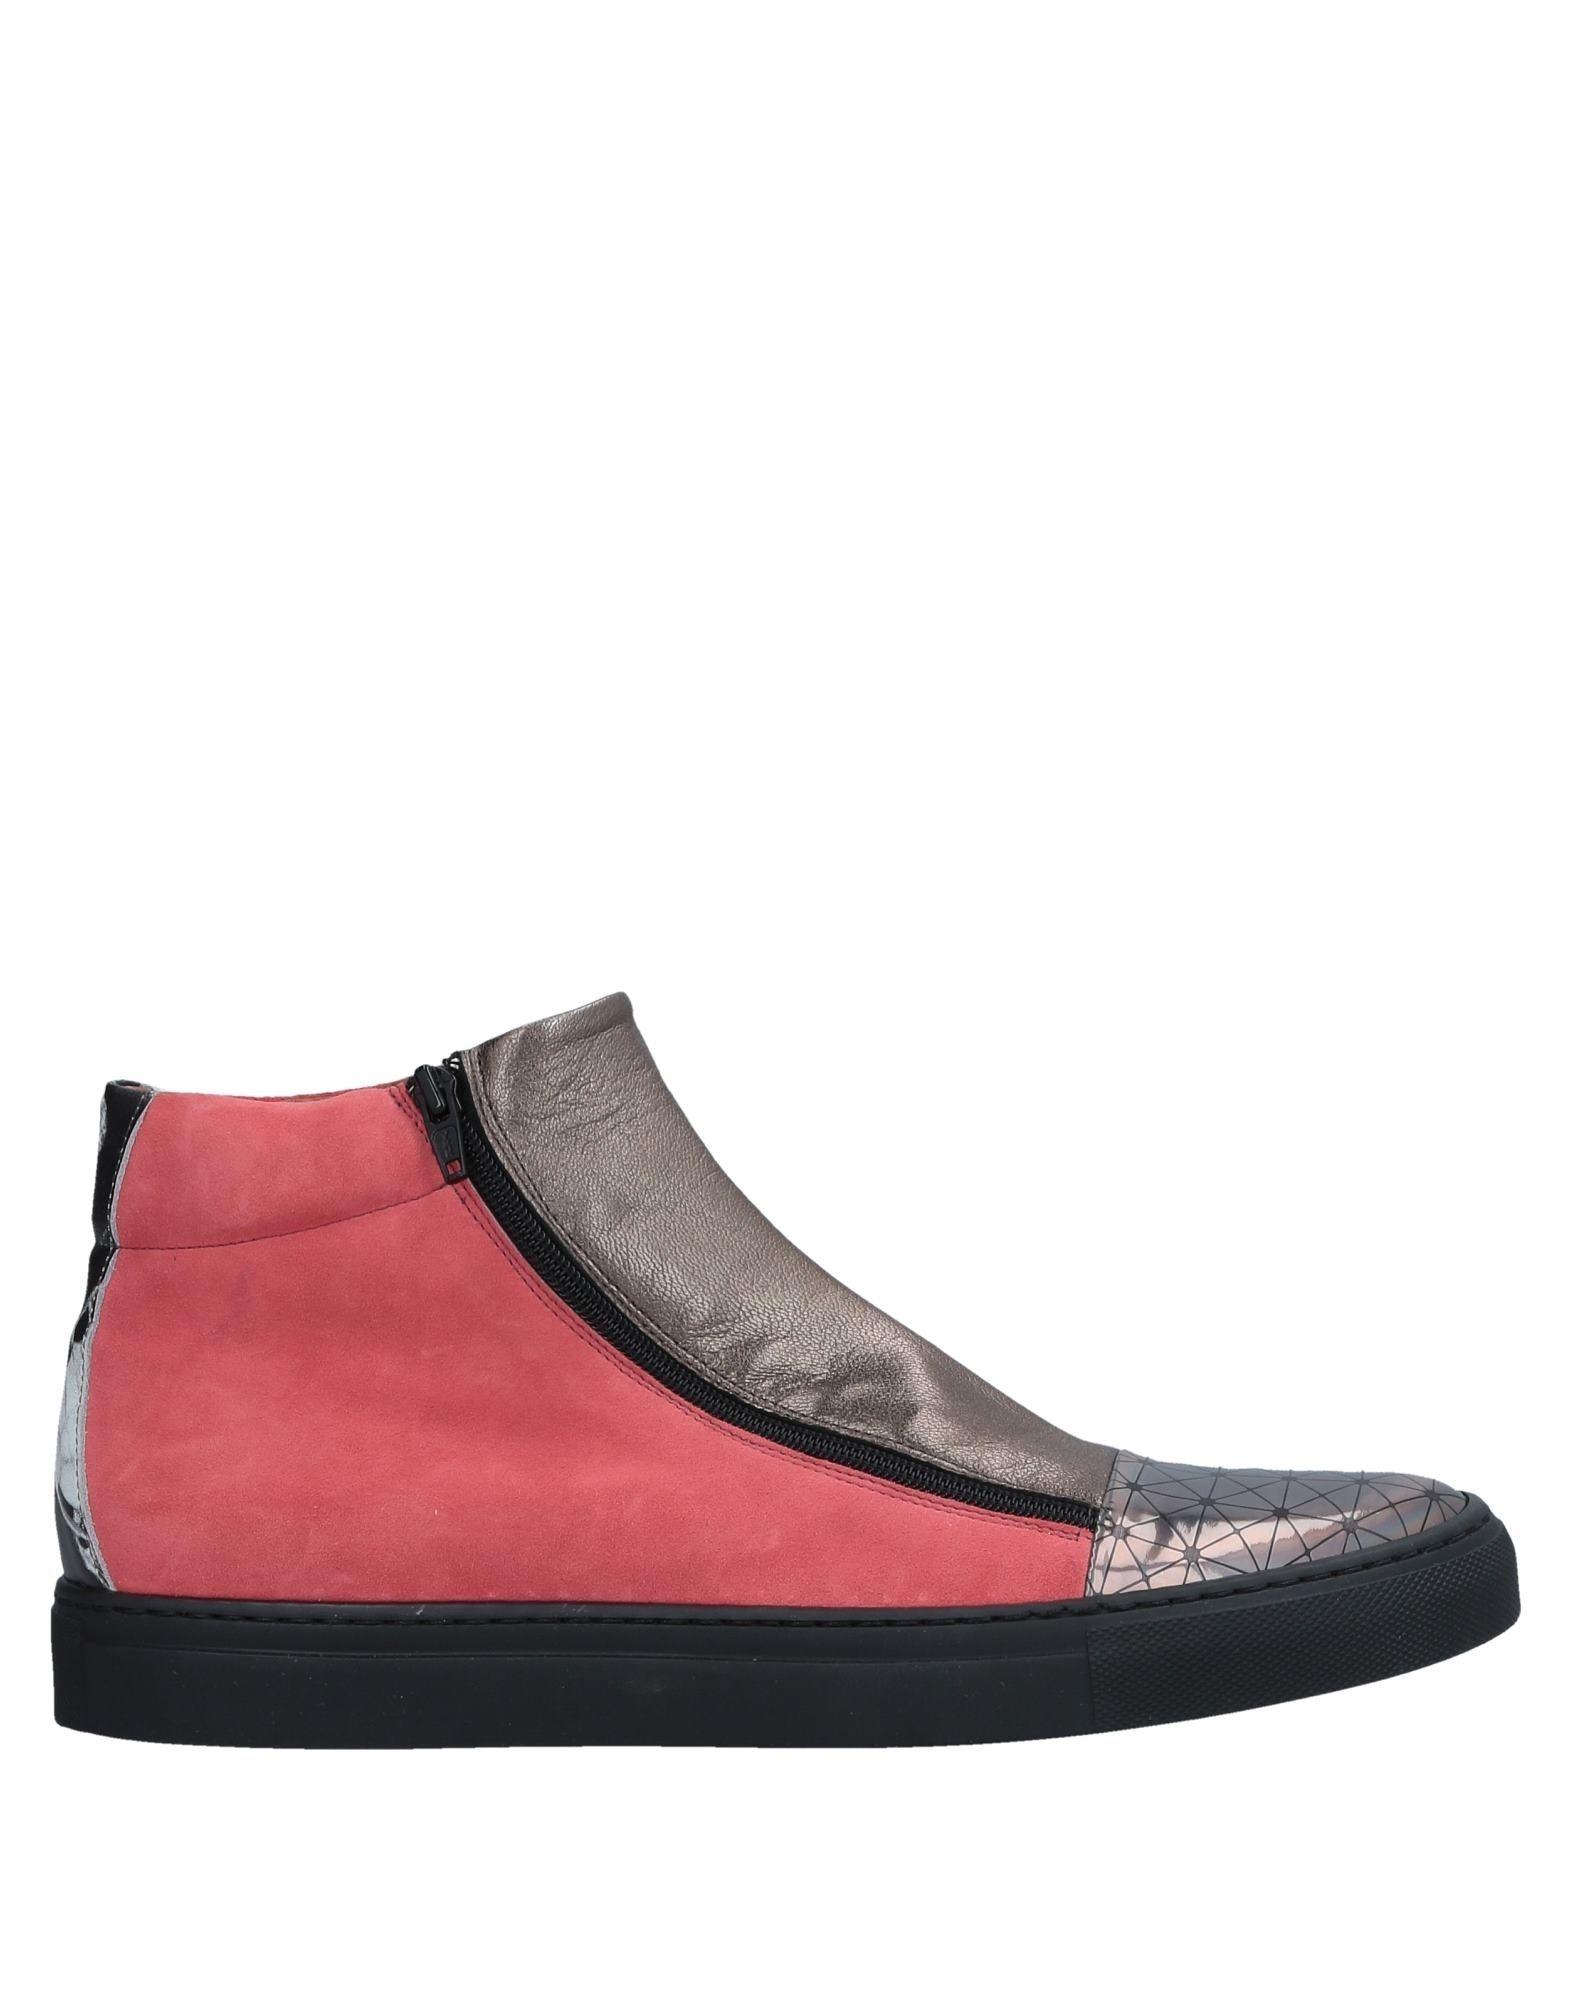 Sneakers Ebarrito Uomo - 11525540ME Scarpe economiche e buone